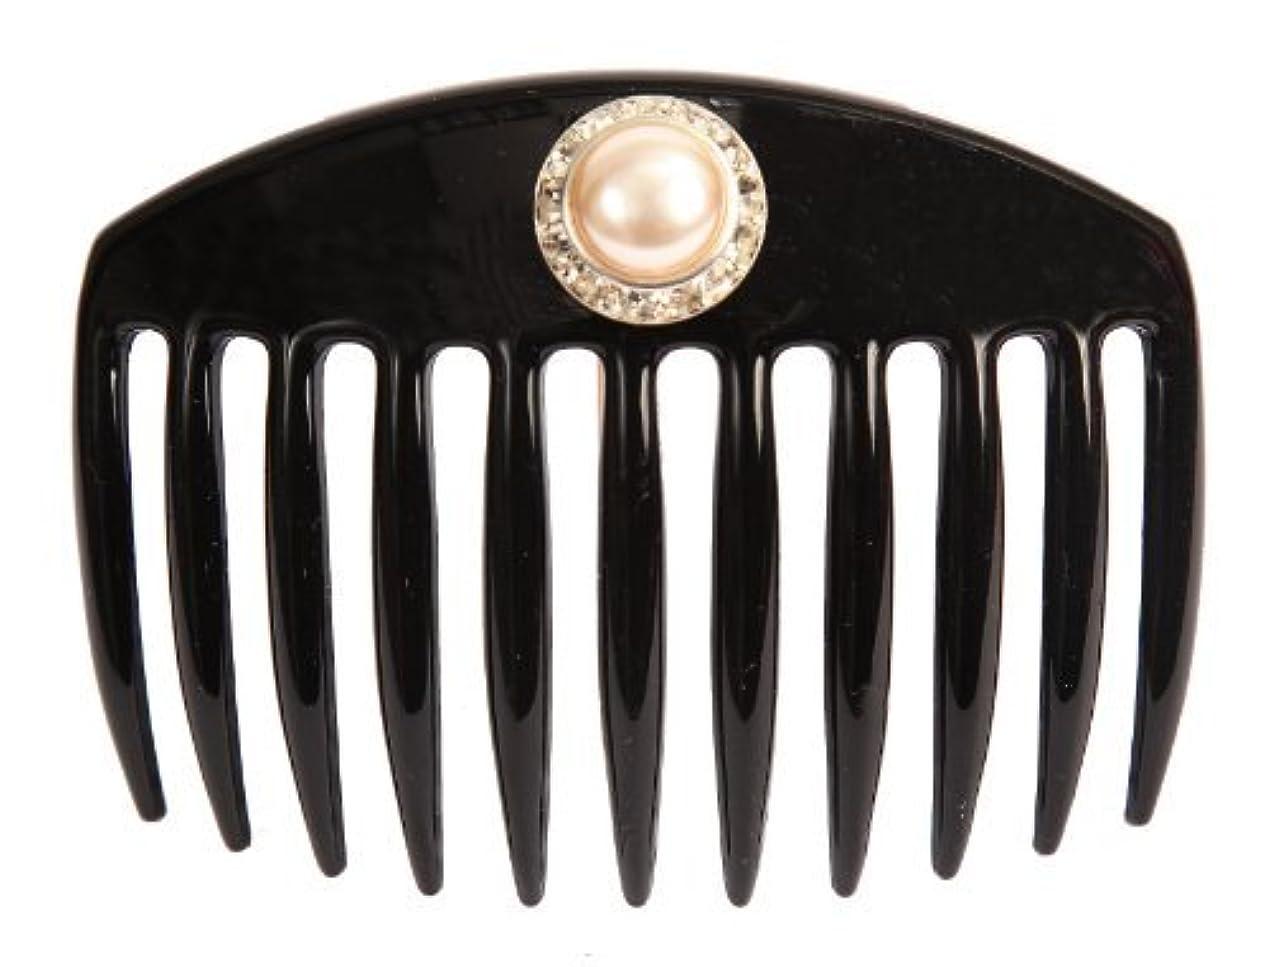 強化する強化する受け入れるCaravan Hand Decorated French Comb with Large Pearl and Swarovski Stones In Silver Setting, Black.65 Ounce [並行輸入品]